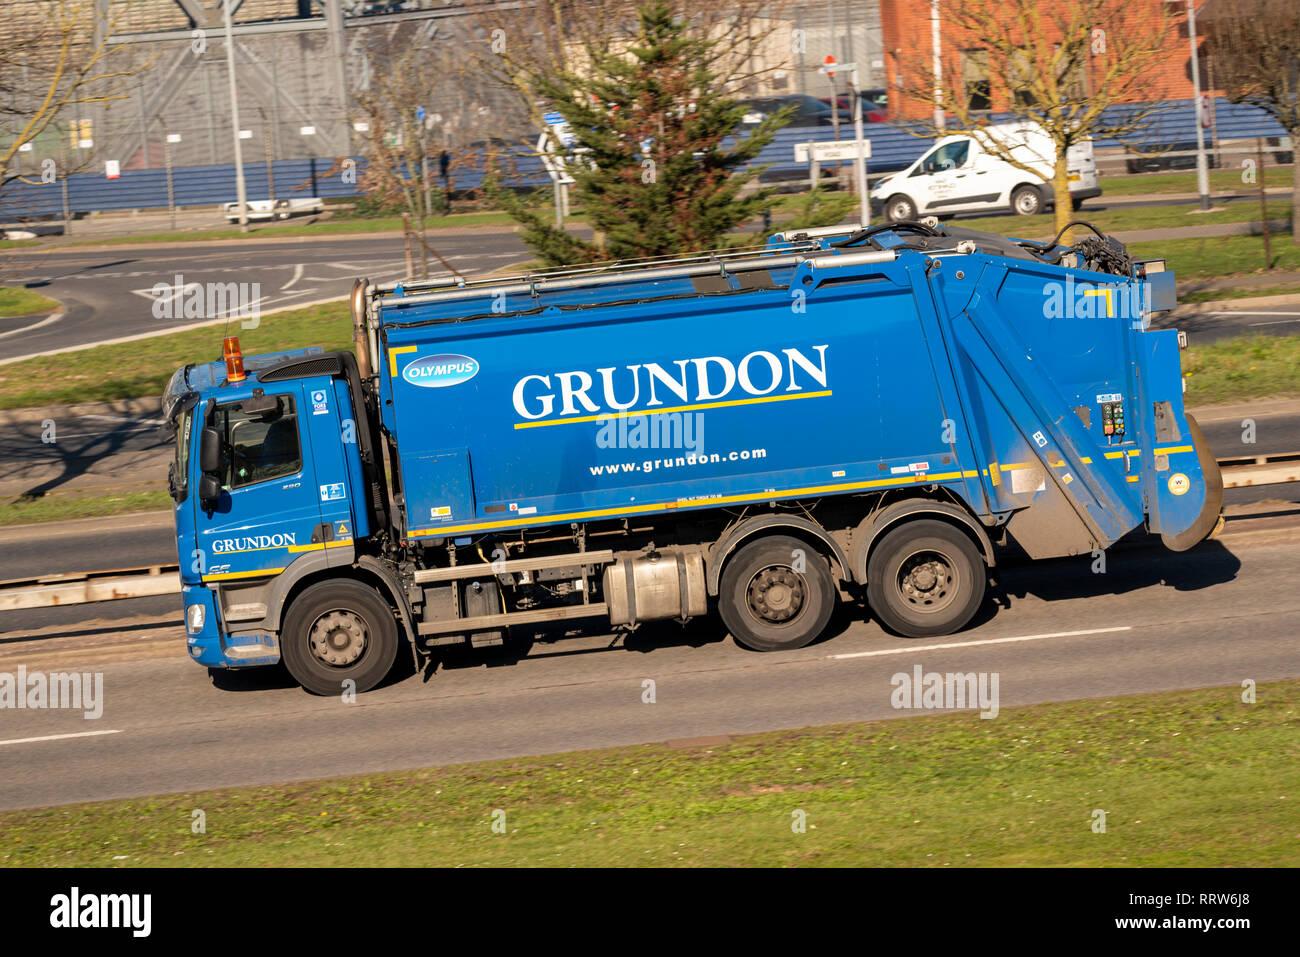 Camión de basura Grundon, rechazar la conducción de camiones en la carretera. Gestión de Residuos Grundon Ltd blue Dennis Eagle con Olympus cuerpo vehículo camión tolva Imagen De Stock